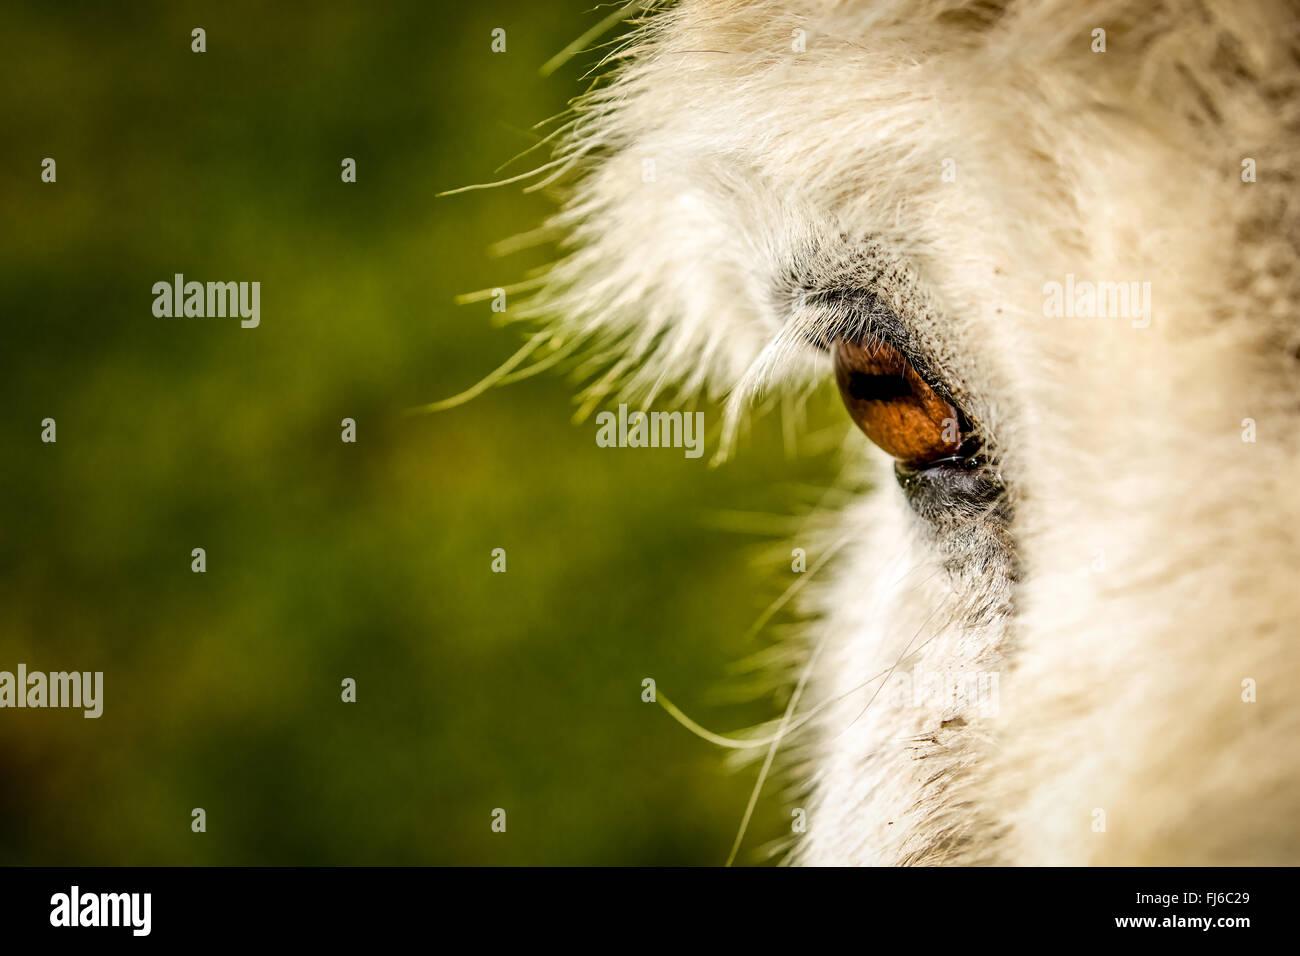 close-up of donkey's eye - Stock Image